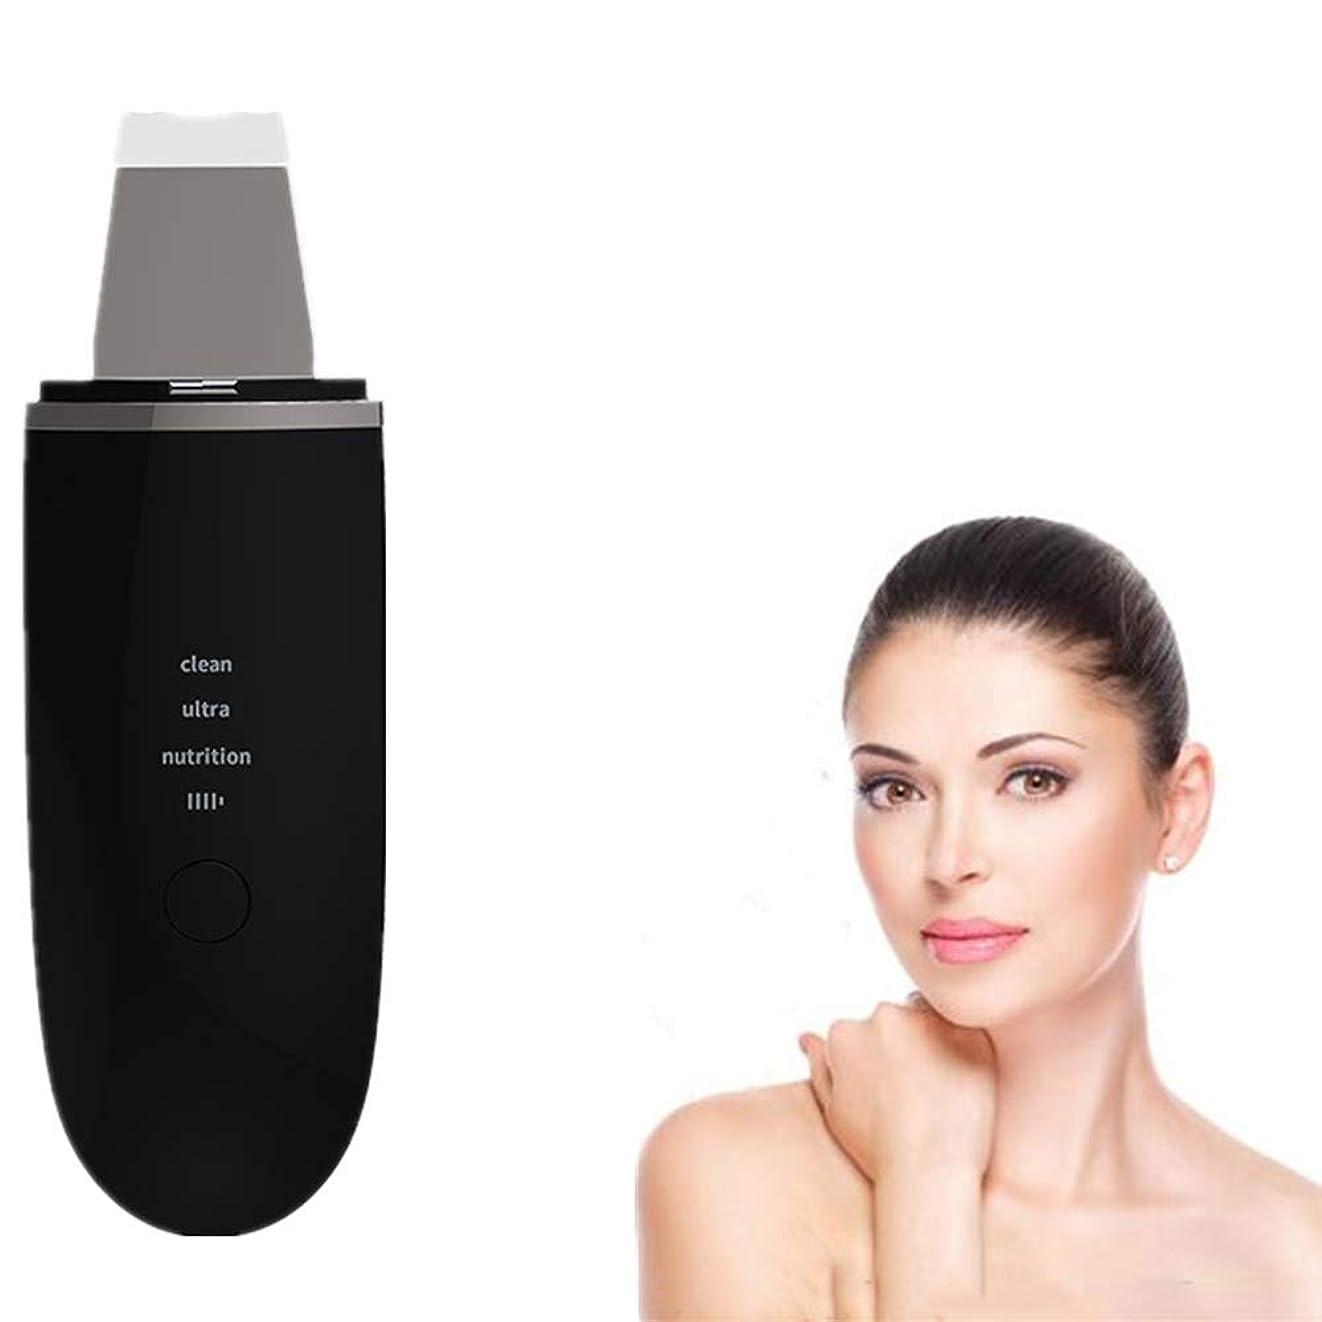 告白する雲ナチュラル顔の皮膚スクラバーブラックヘッドリムーバー毛穴クリーナー皮膚電気マッサージスクラバーEMSクリーニングイオン導入モードツールワイヤレスピーリングフェイシャルマッサージリフティングベースのブラック充電